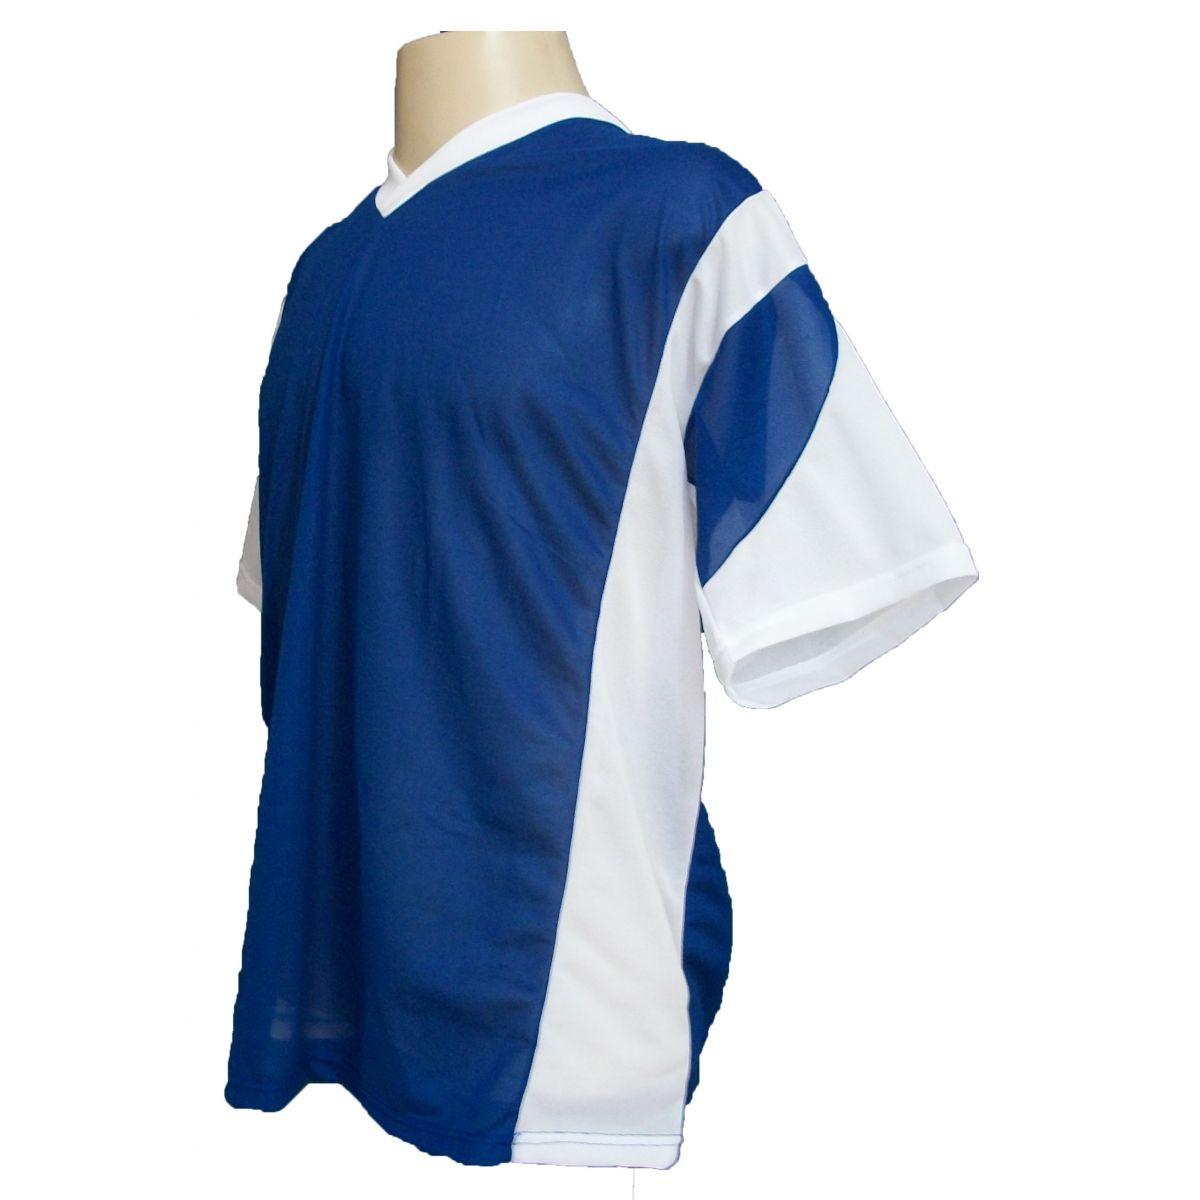 Jogo de Camisa Promocional com 18 Peças Numeradas Modelo Attack Royal/Branco